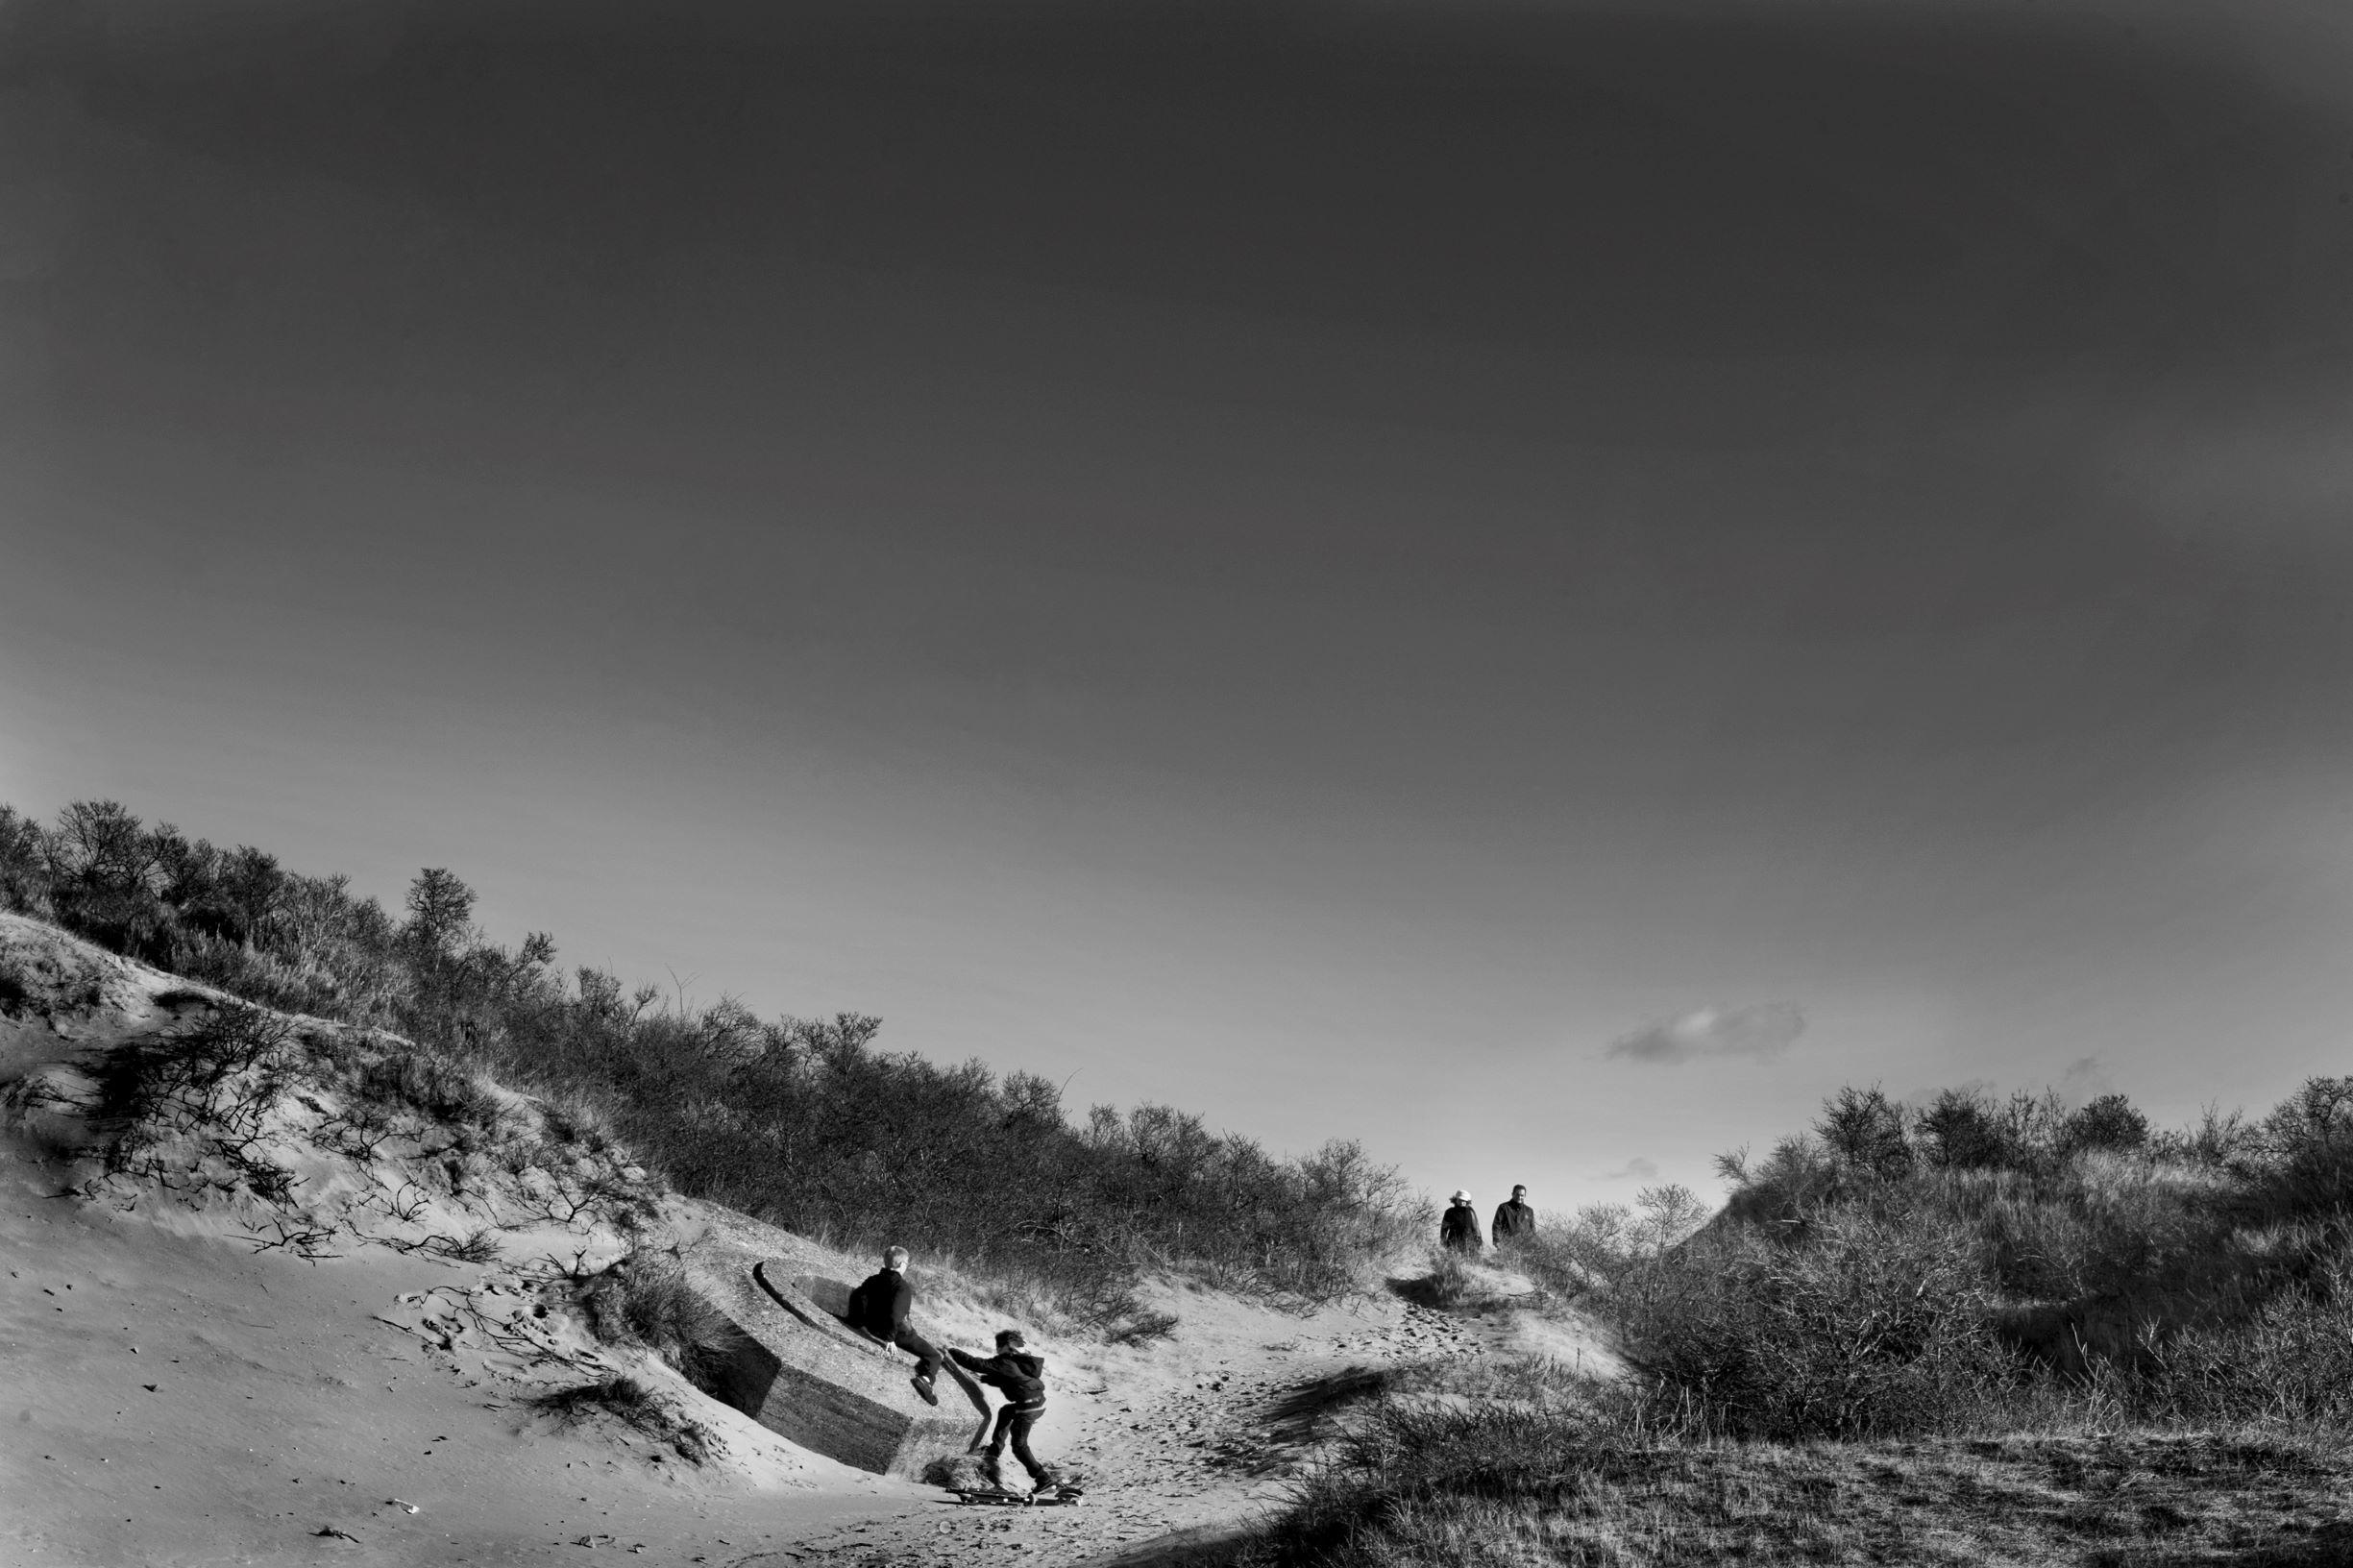 Bray-Dunes-De-Panne-1